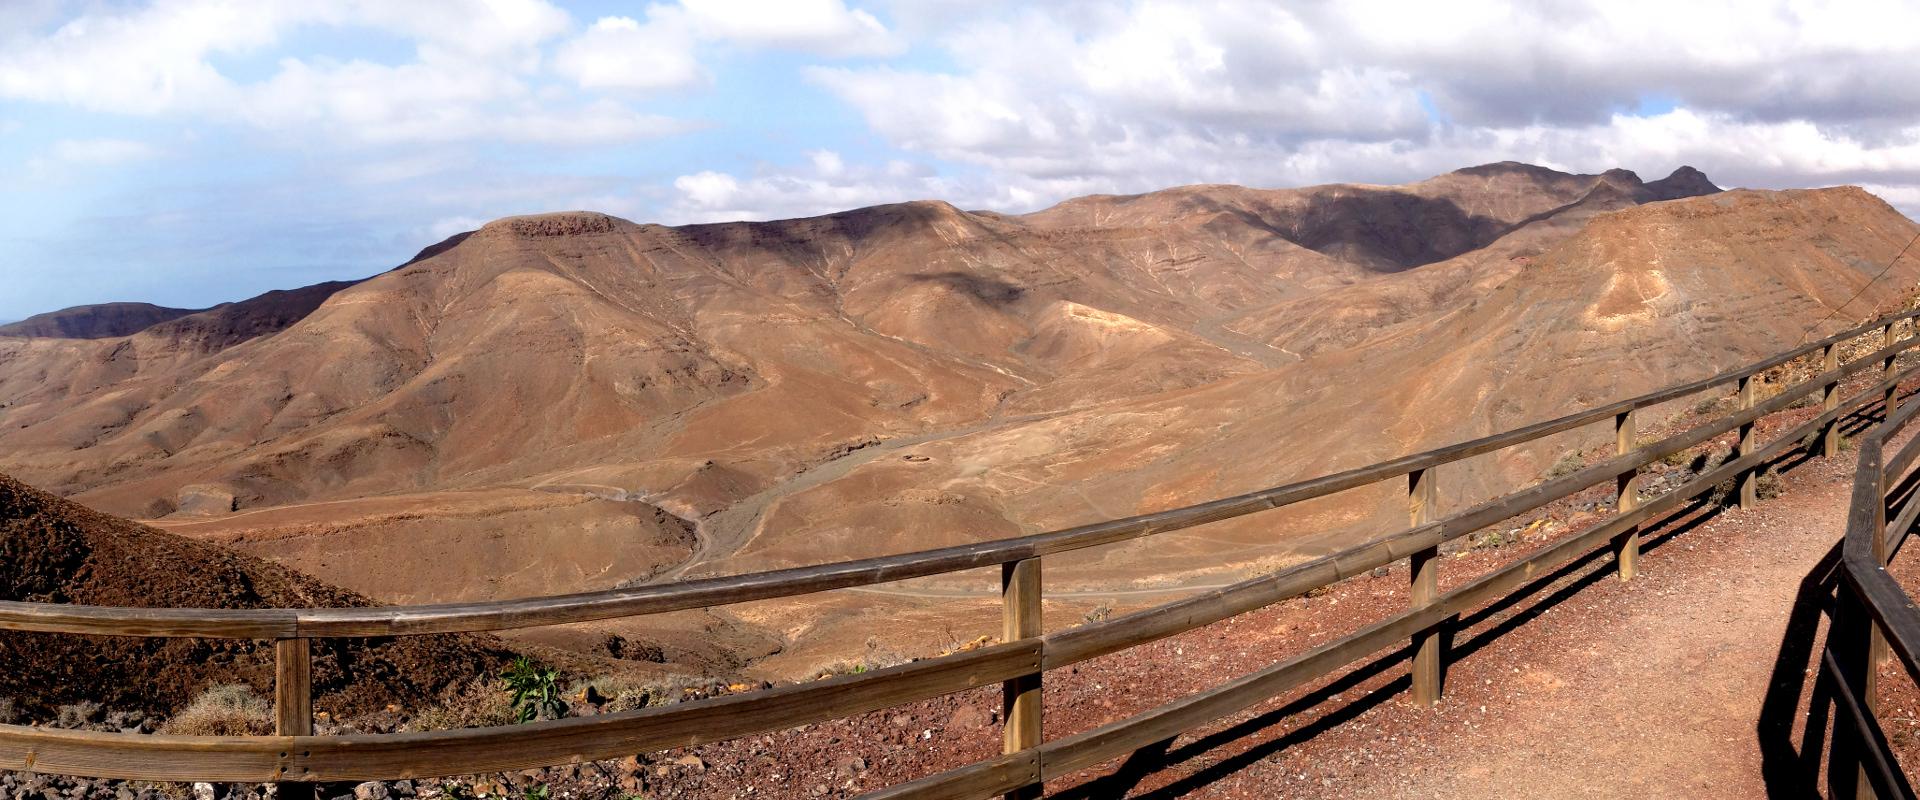 Foto: Weg in Gebirgslandschaft